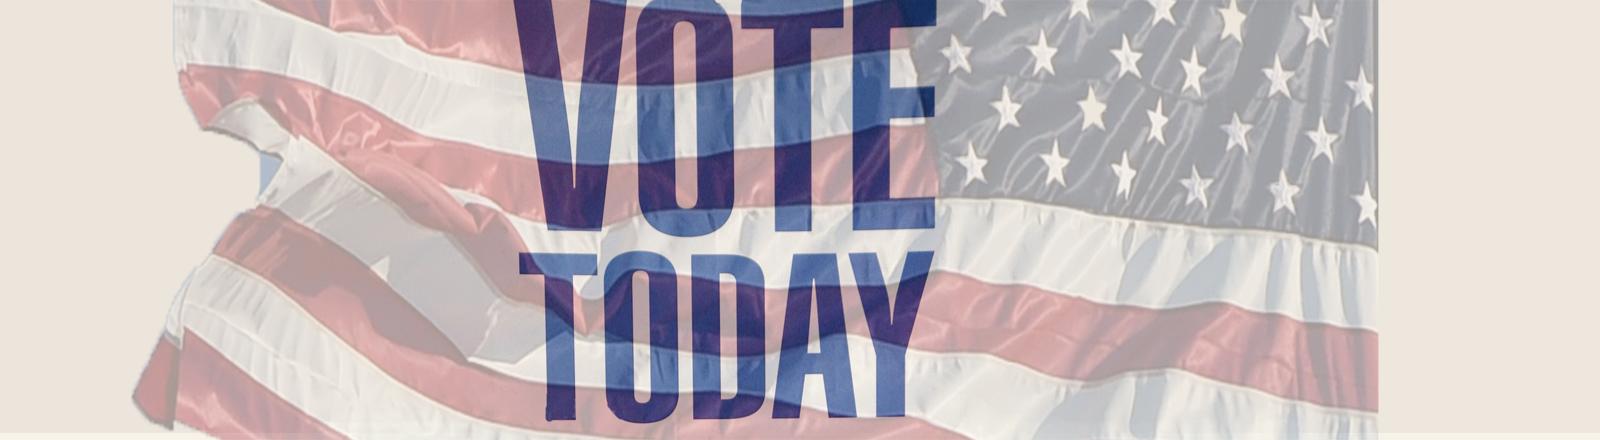 Schild vor einem Wahllokal, im Hintergrund die US-amerikanische Flagge.